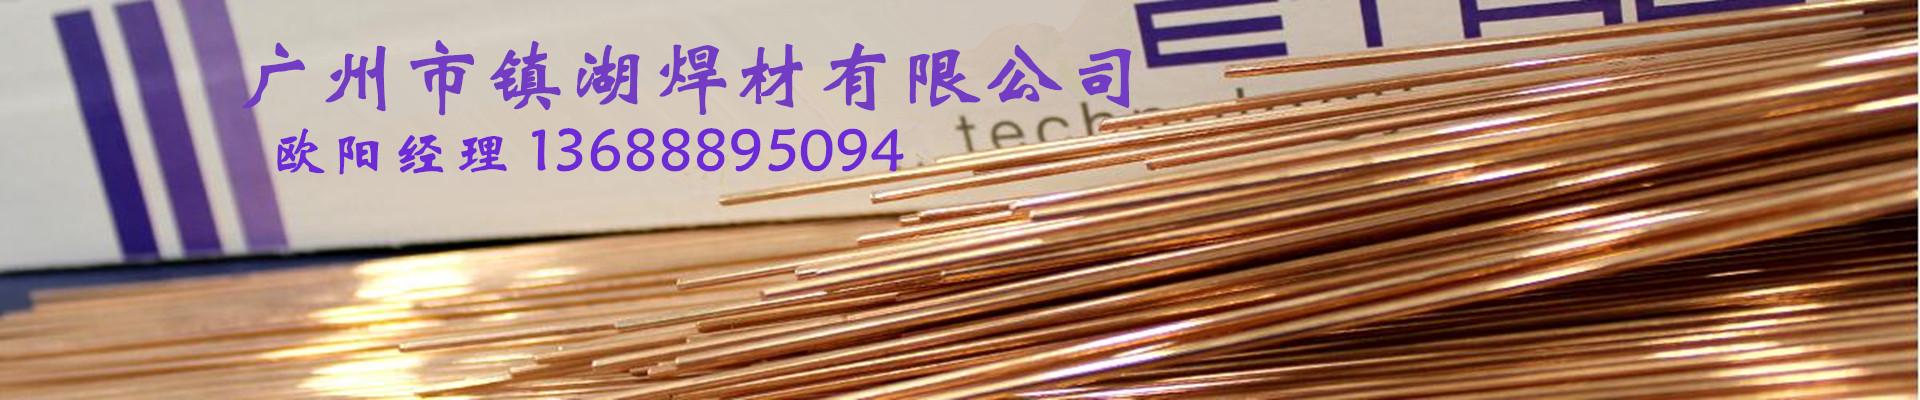 广州市镇湖焊材有限公司